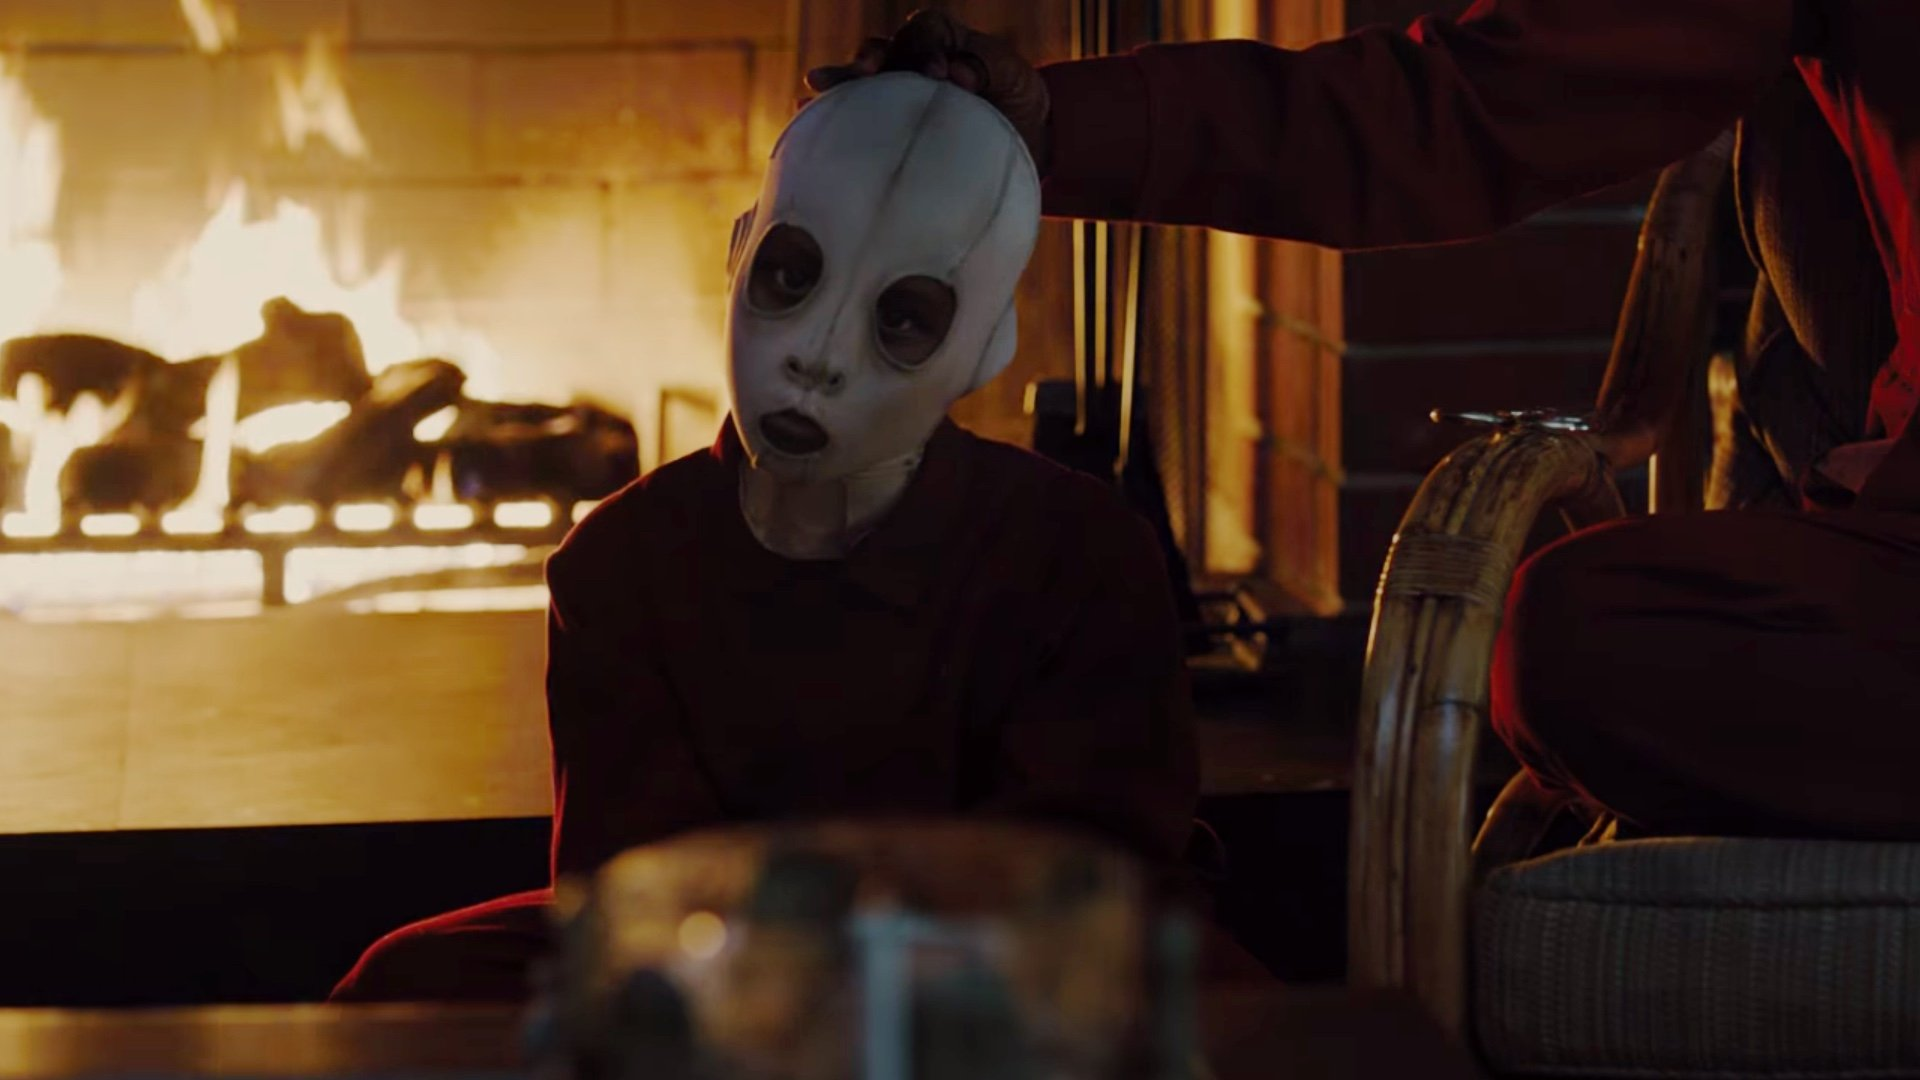 Noi: secondo una teoria, il film sarebbe connesso alla saga di Halloween